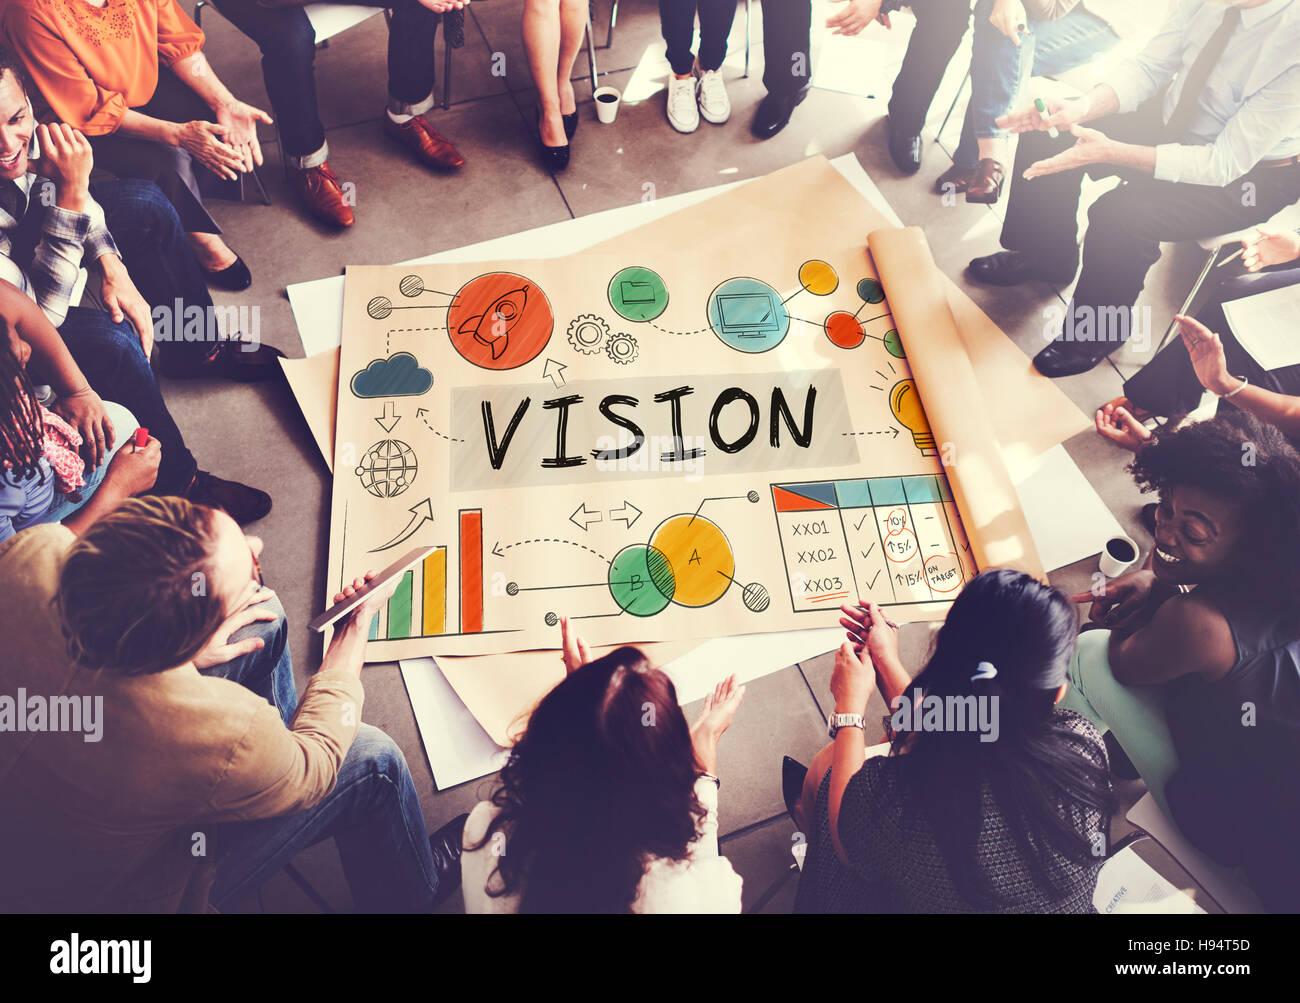 Visión el crecimiento empresarial corporativo objetivo concepto Imagen De Stock